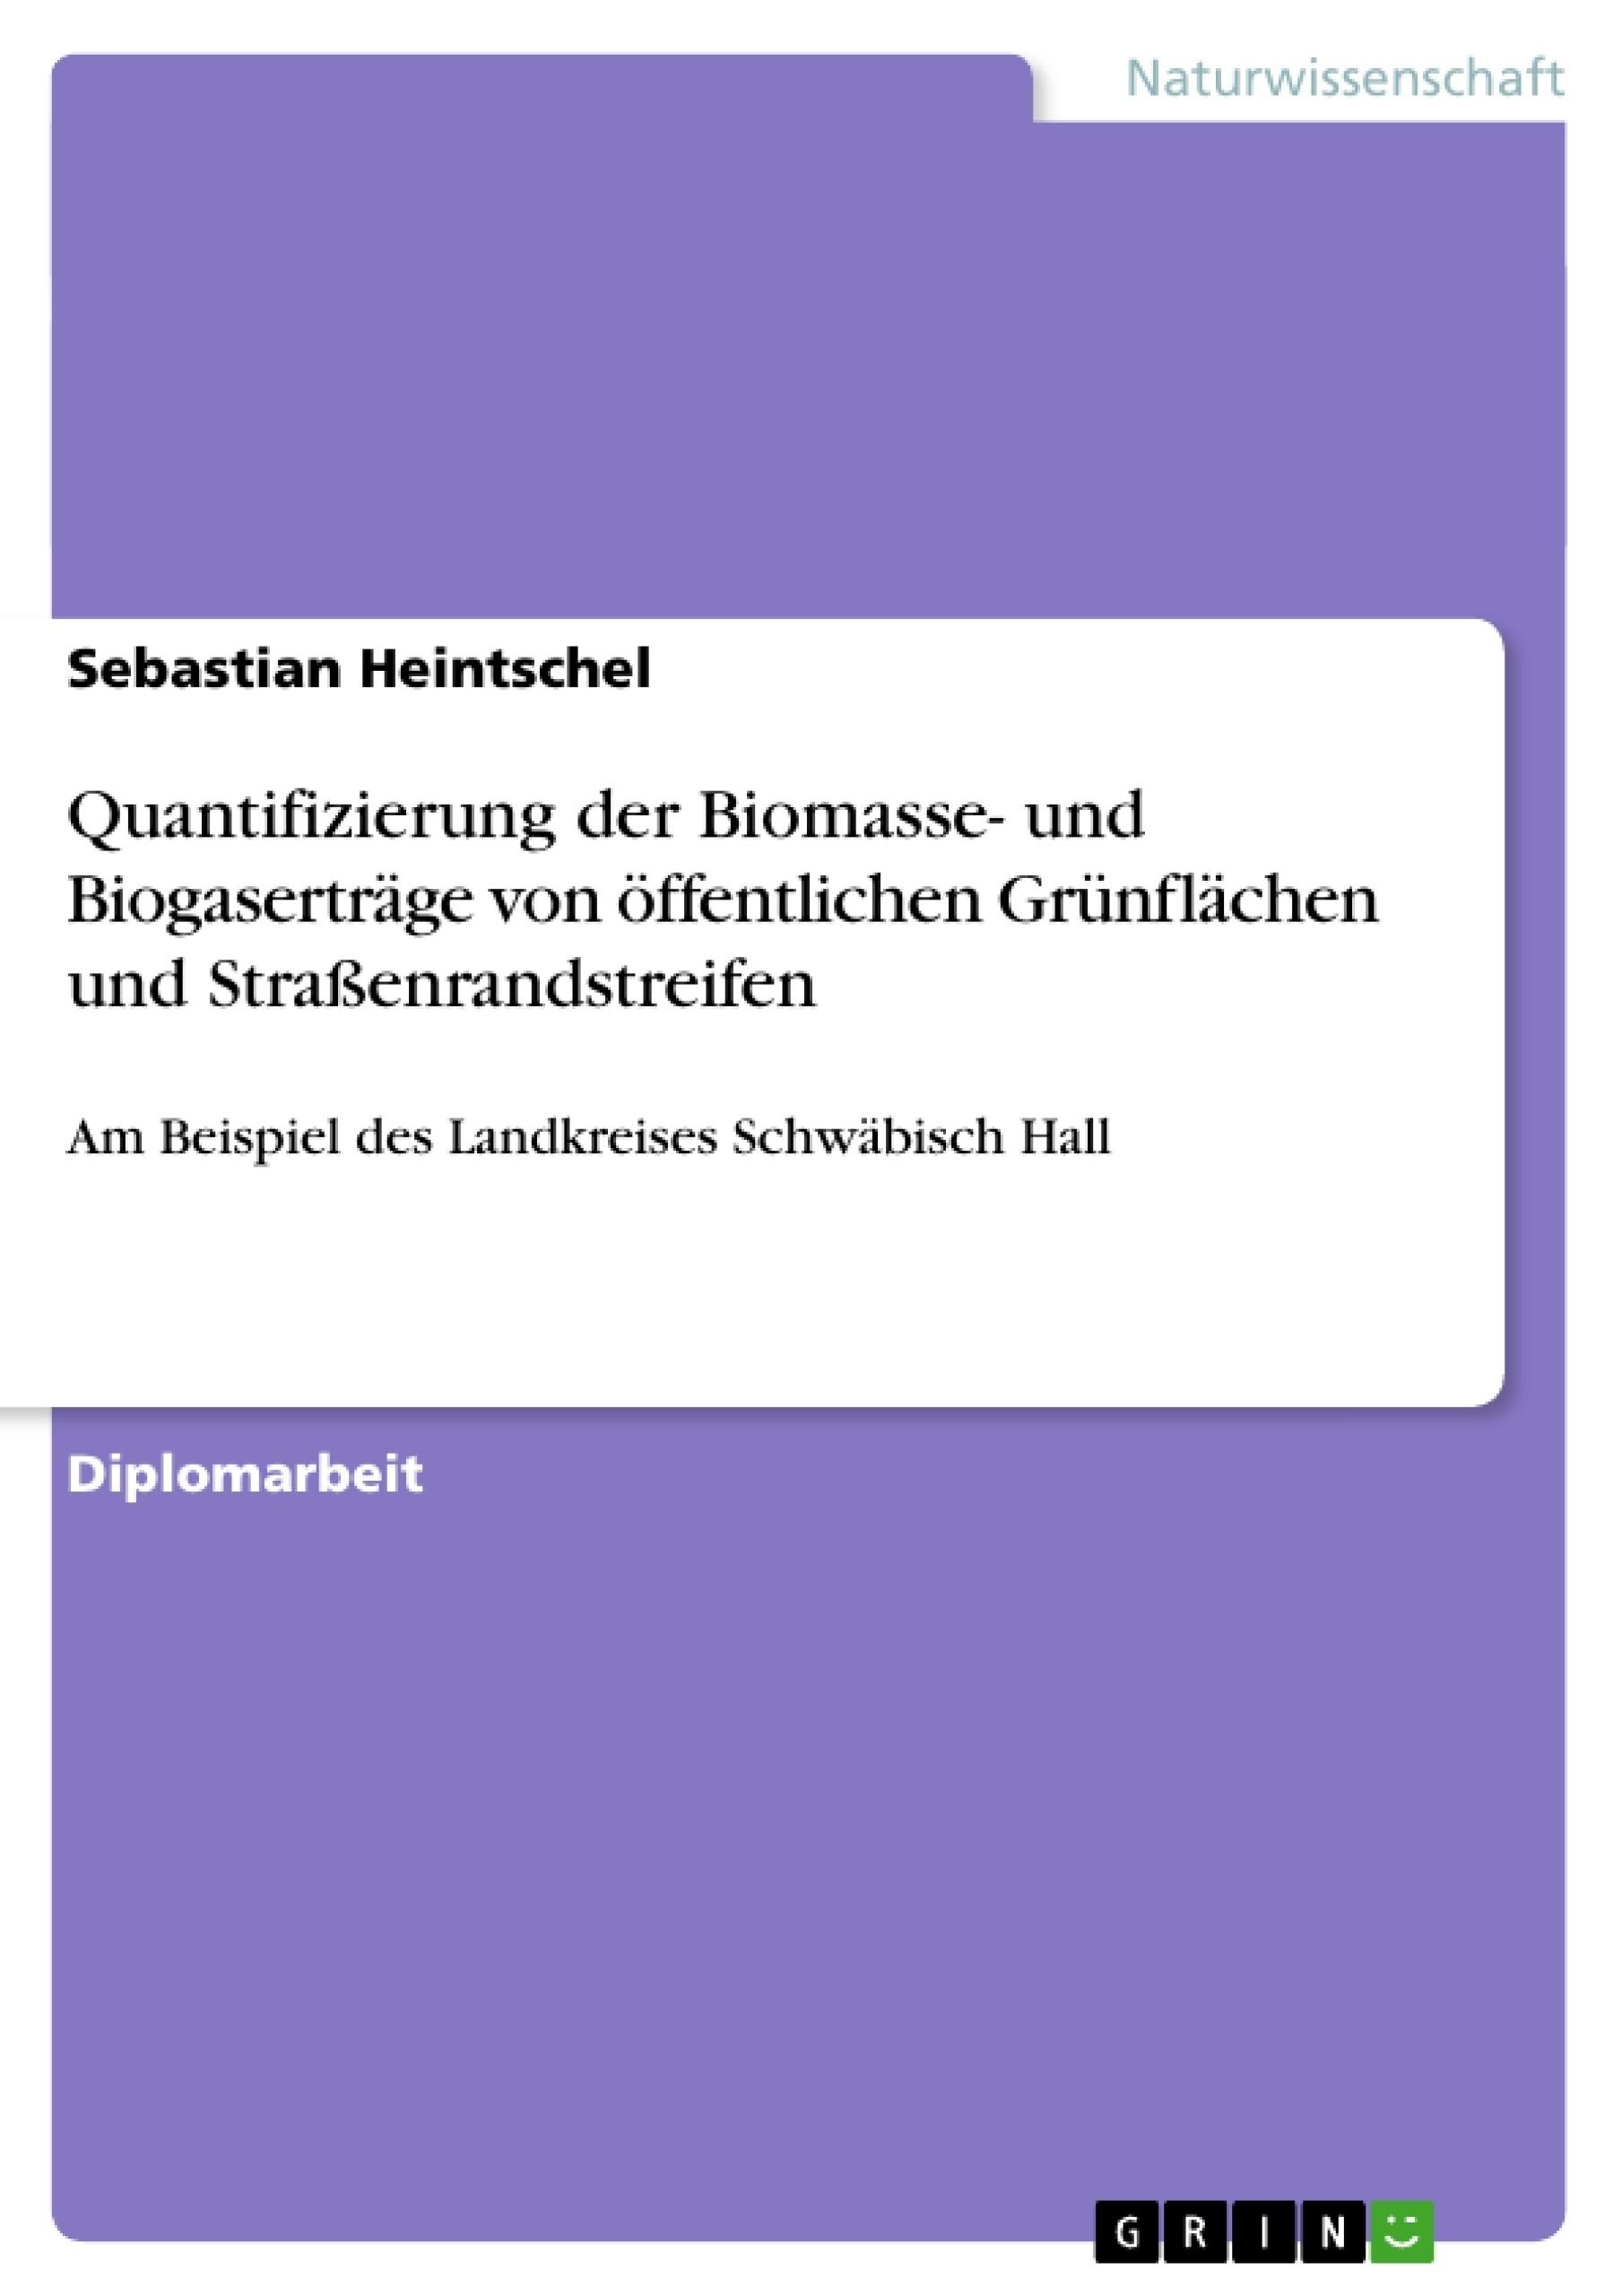 Titel: Quantifizierung der Biomasse- und Biogaserträge von öffentlichen Grünflächen und Straßenrandstreifen